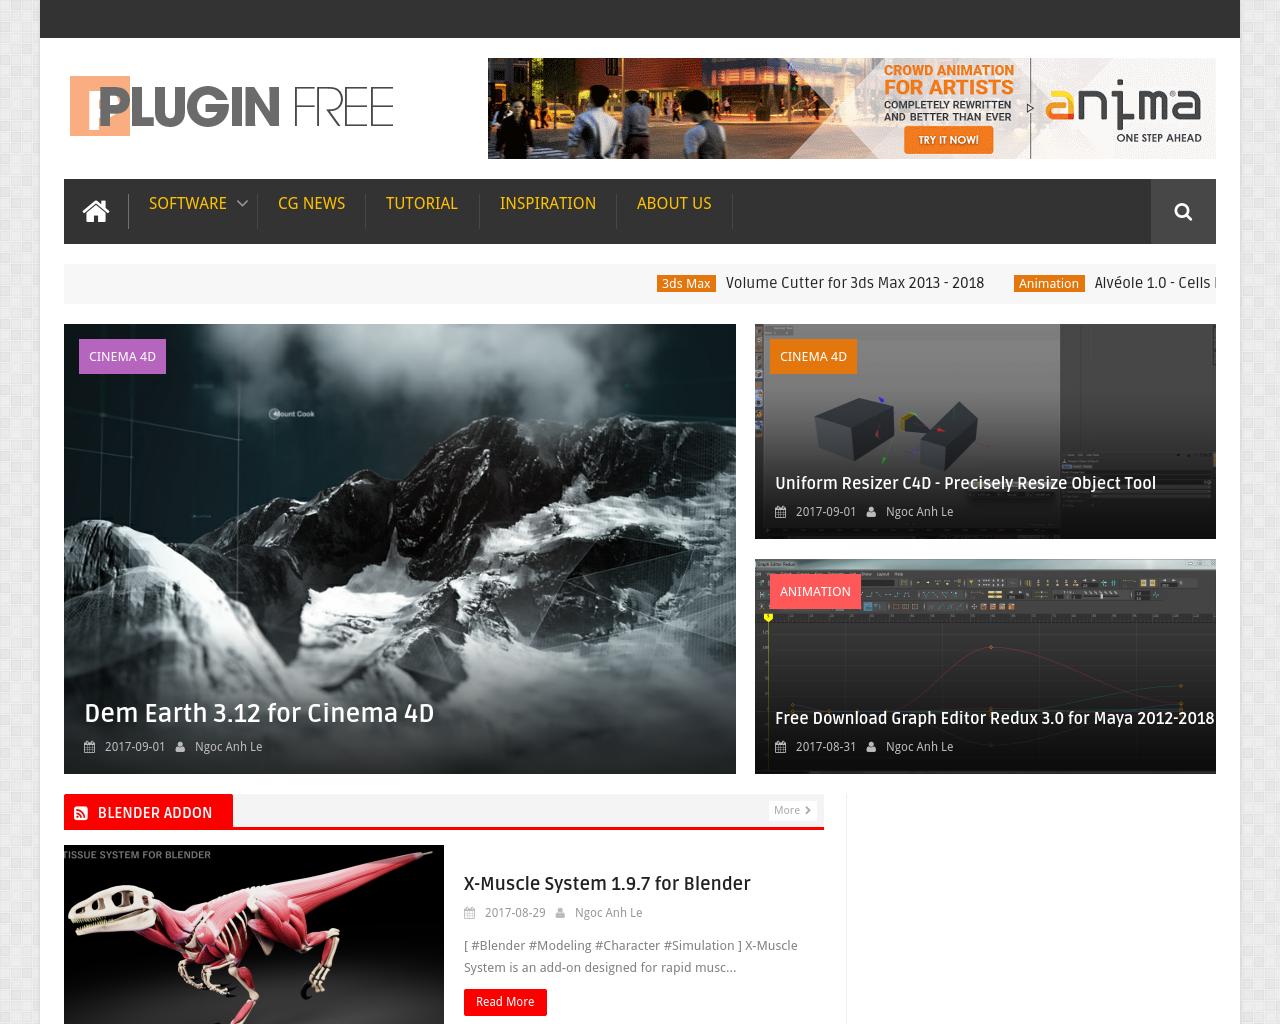 PLUGIN-FREE-Advertising-Reviews-Pricing